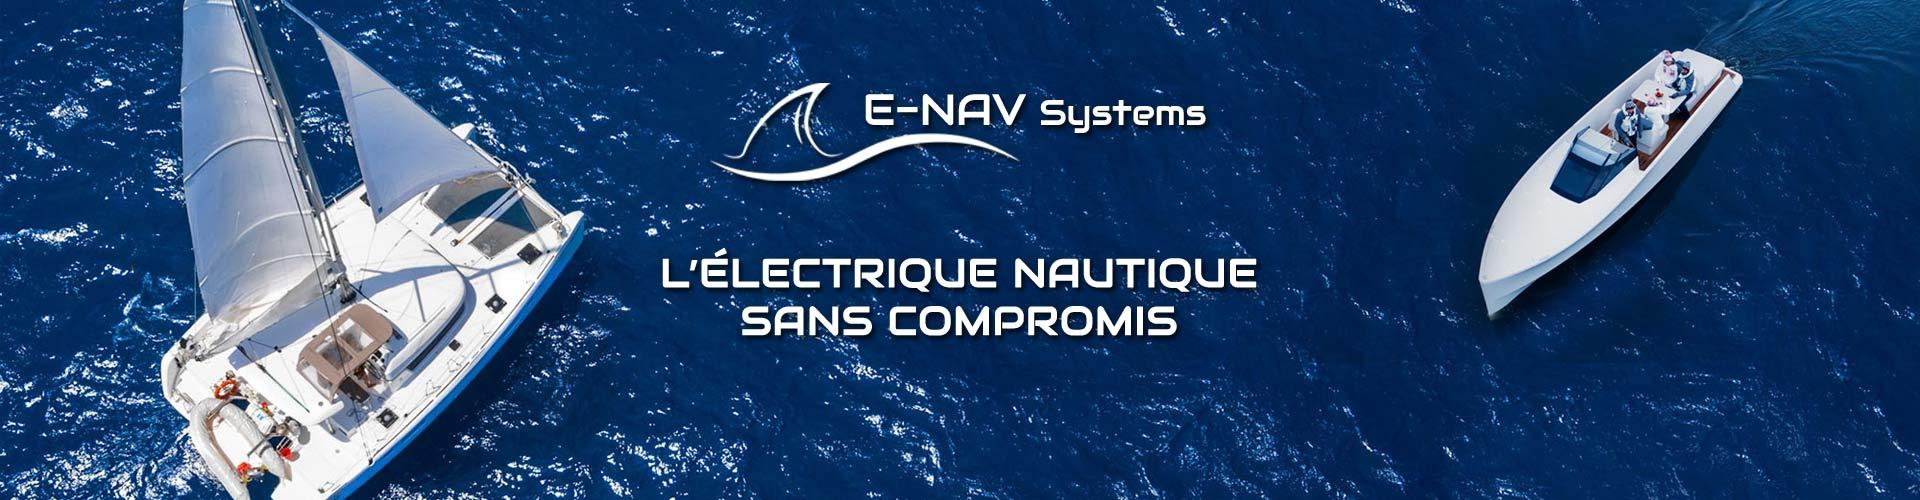 enav-systems installateur de motorisation électrique pour bateau